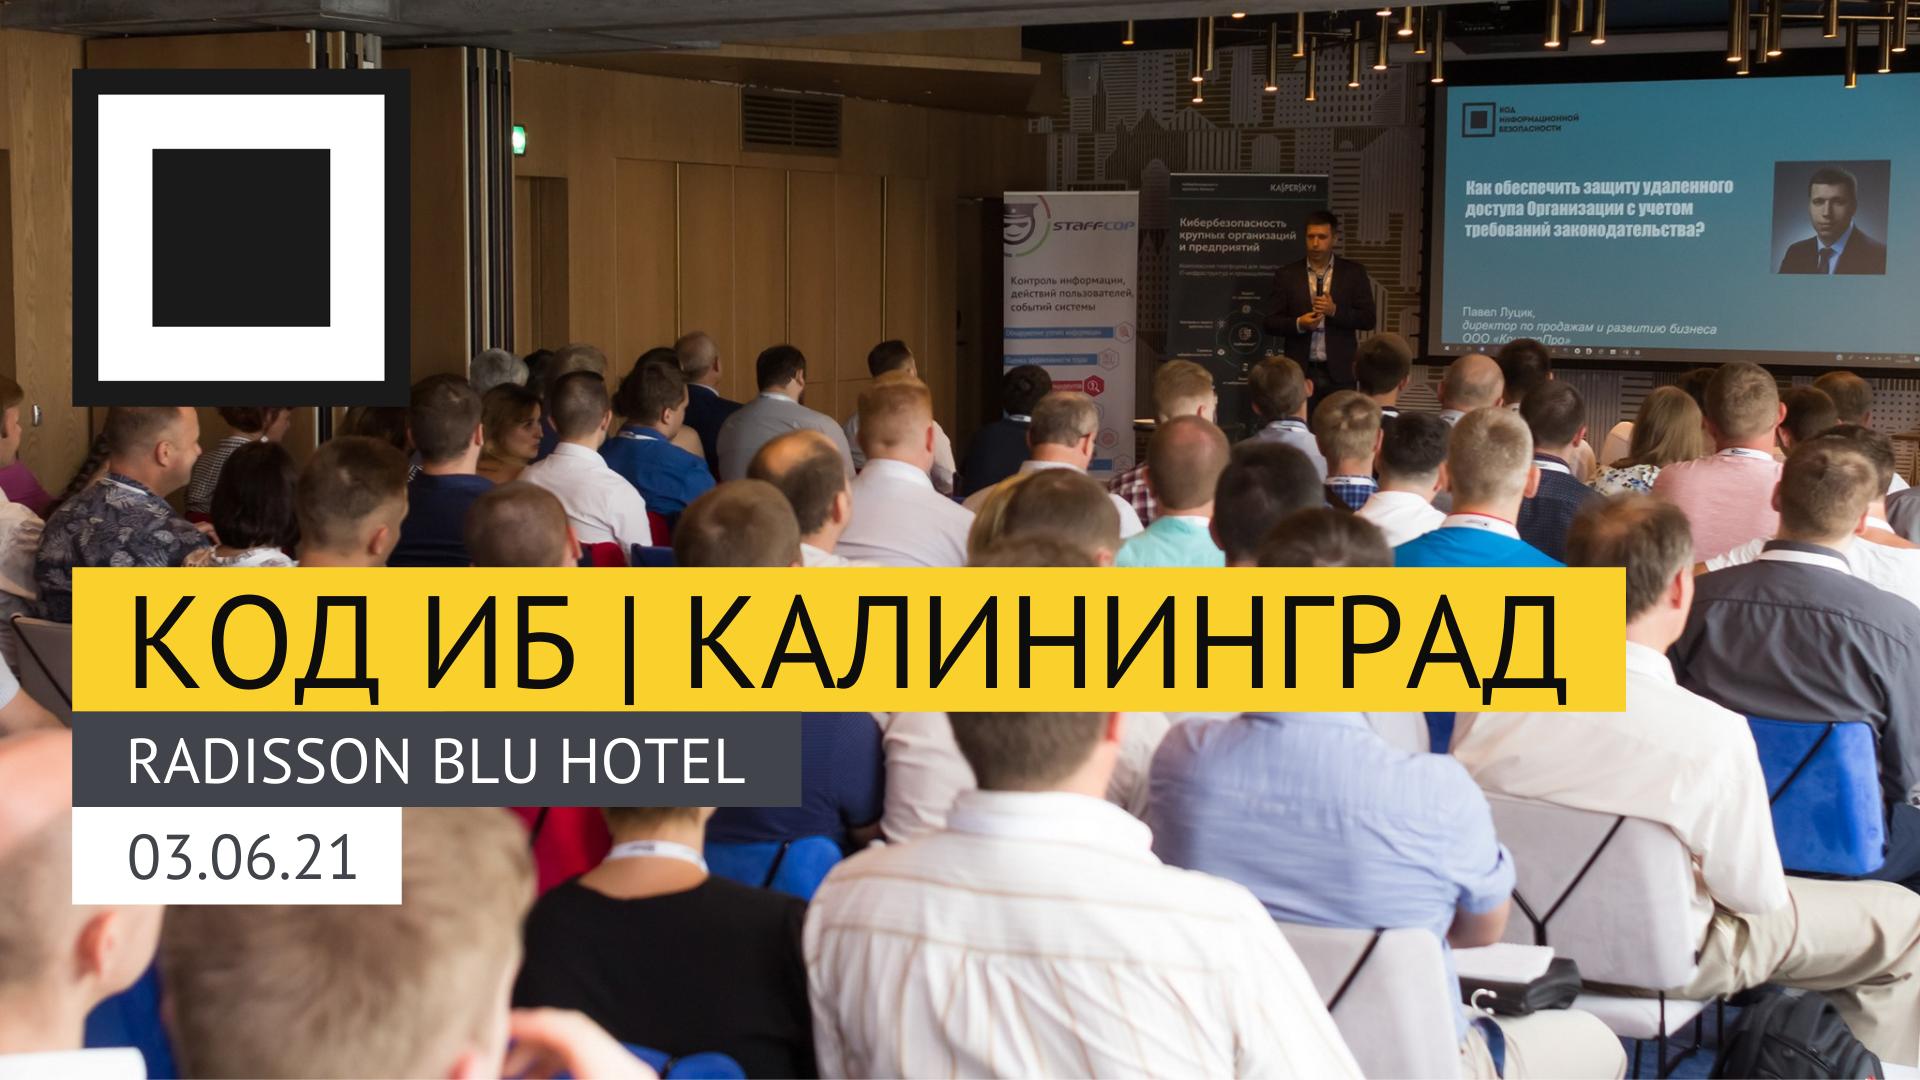 Уже 3 июня в Калининграде приедет конференция по информационной безопасности Код ИБ